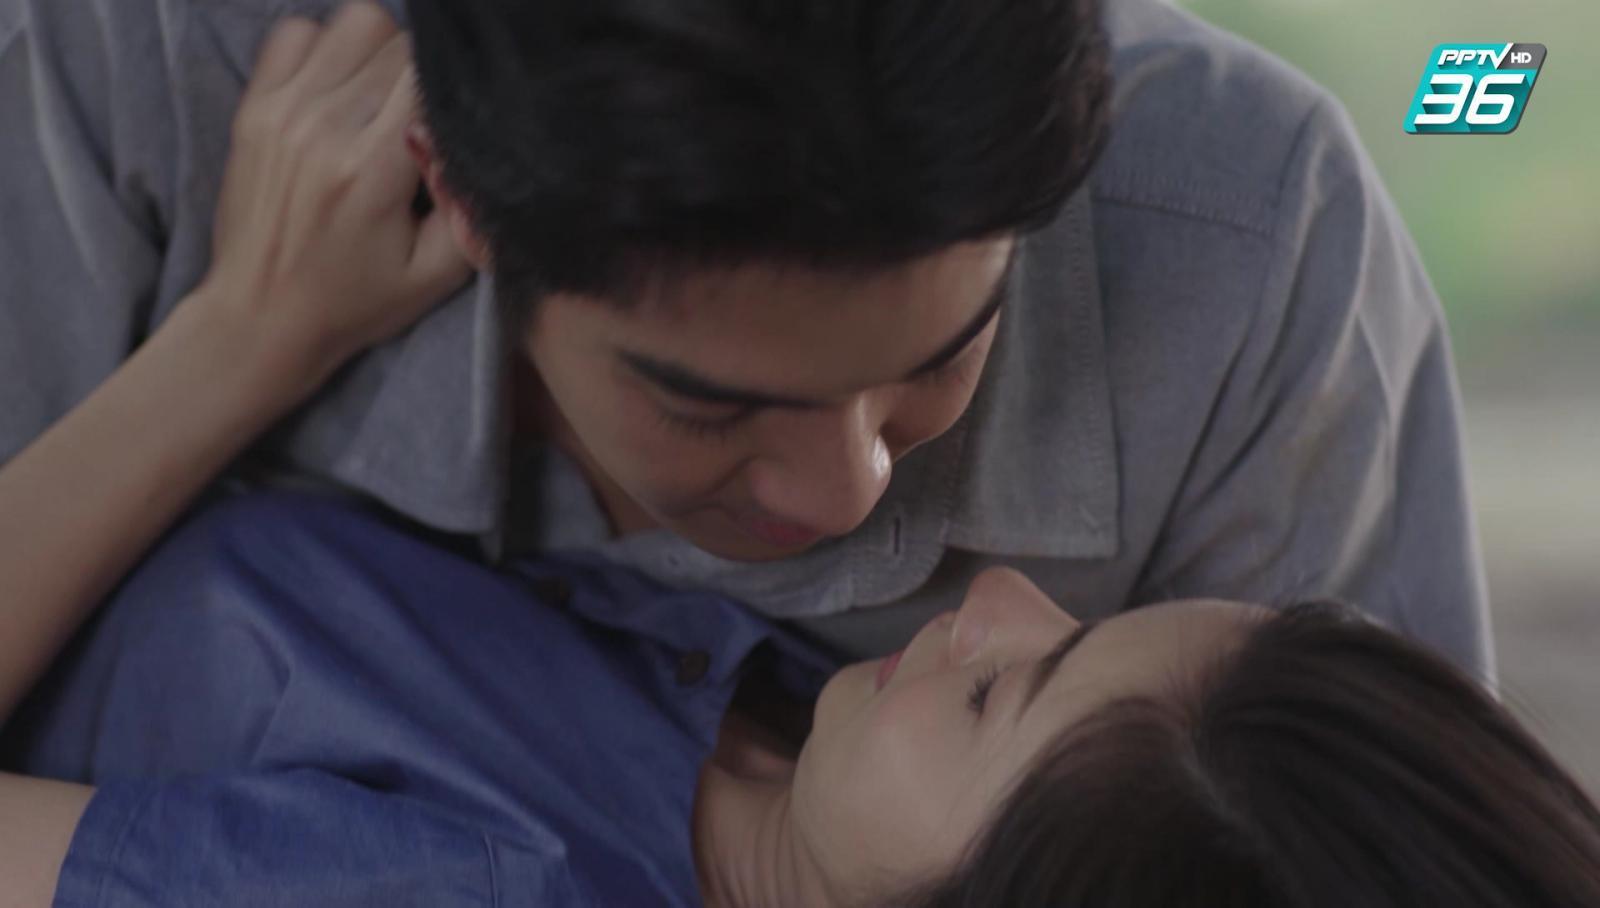 ฟินสุด | จูบนี้มัดจำไว้ก่อน | มนตรามหาเสน่ห์ EP.20 | PPTV HD 36